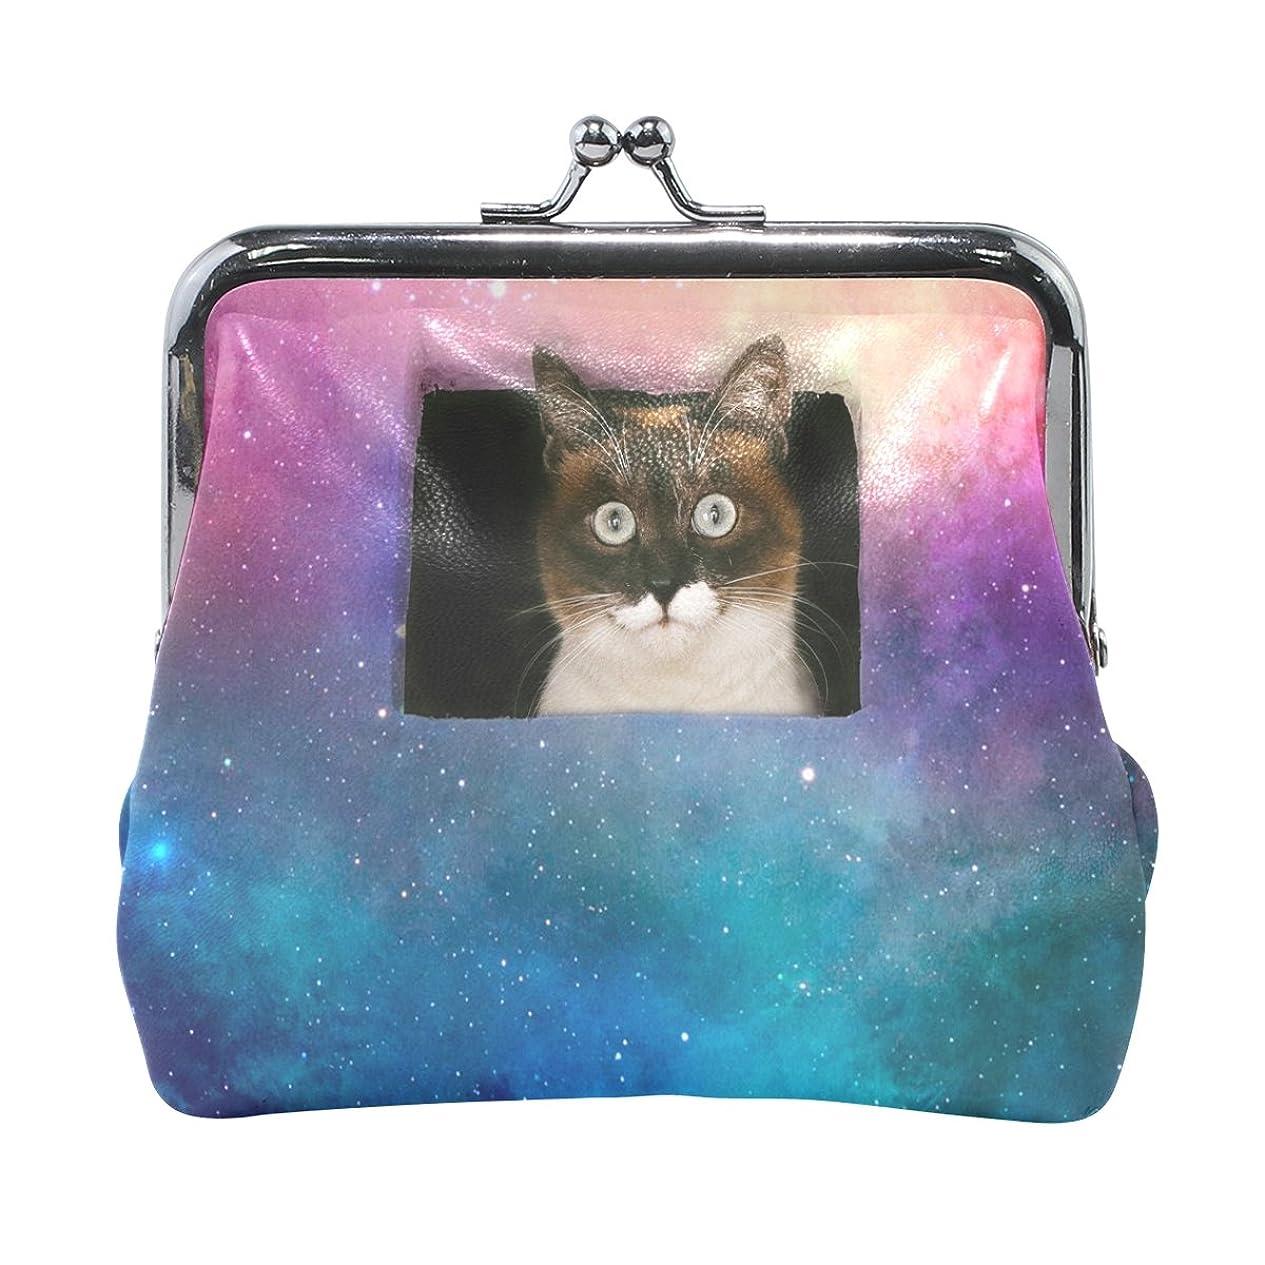 範囲シードスタイルAOMOKI 財布 小銭入れ ガマ口 コインケース レザー 星空 猫柄 かわいい 夜空